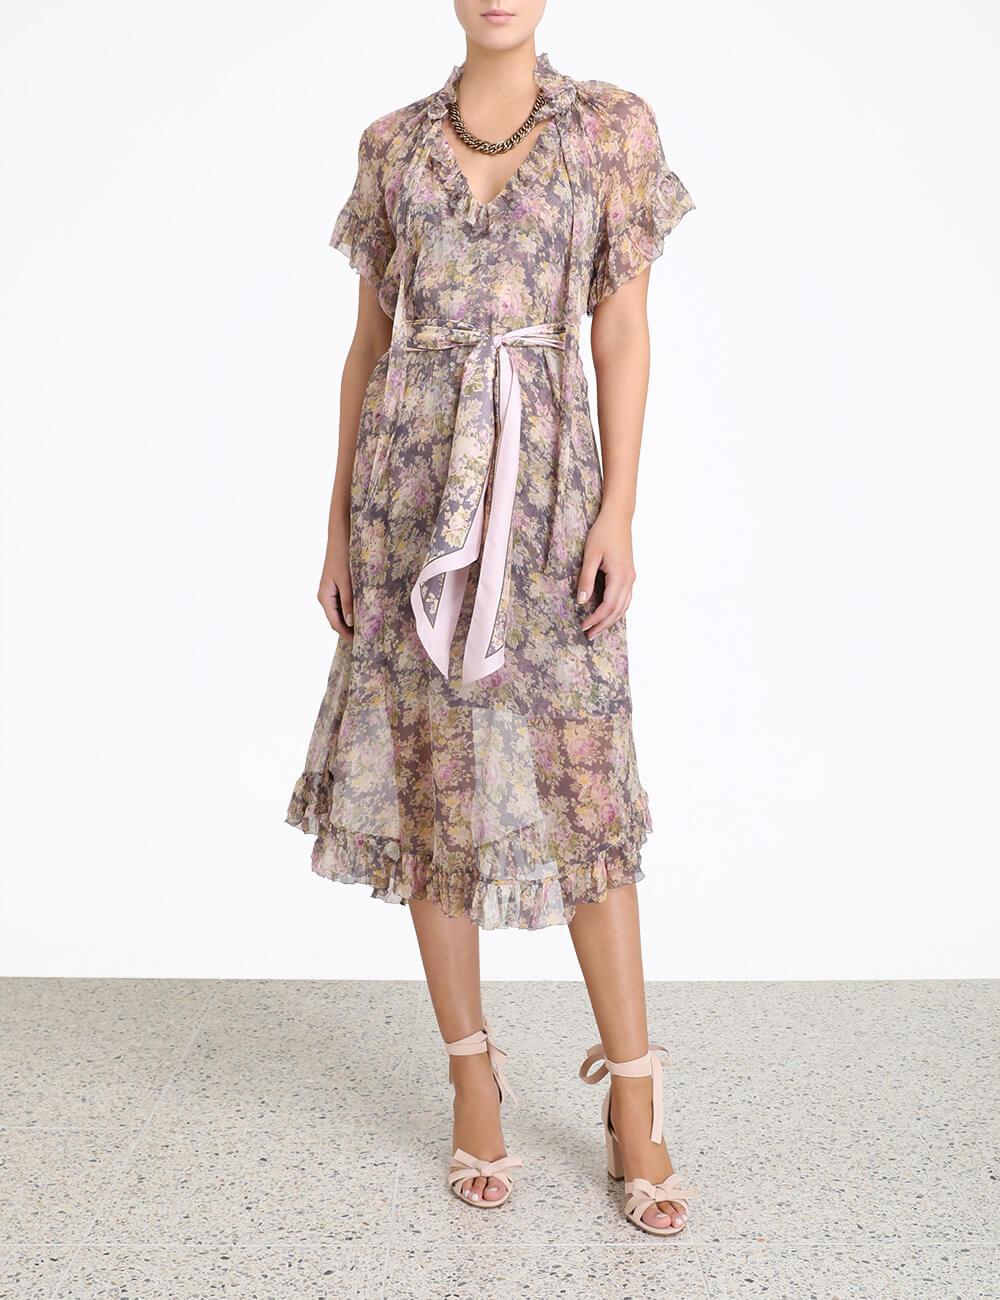 Sabotage Frilled Dress